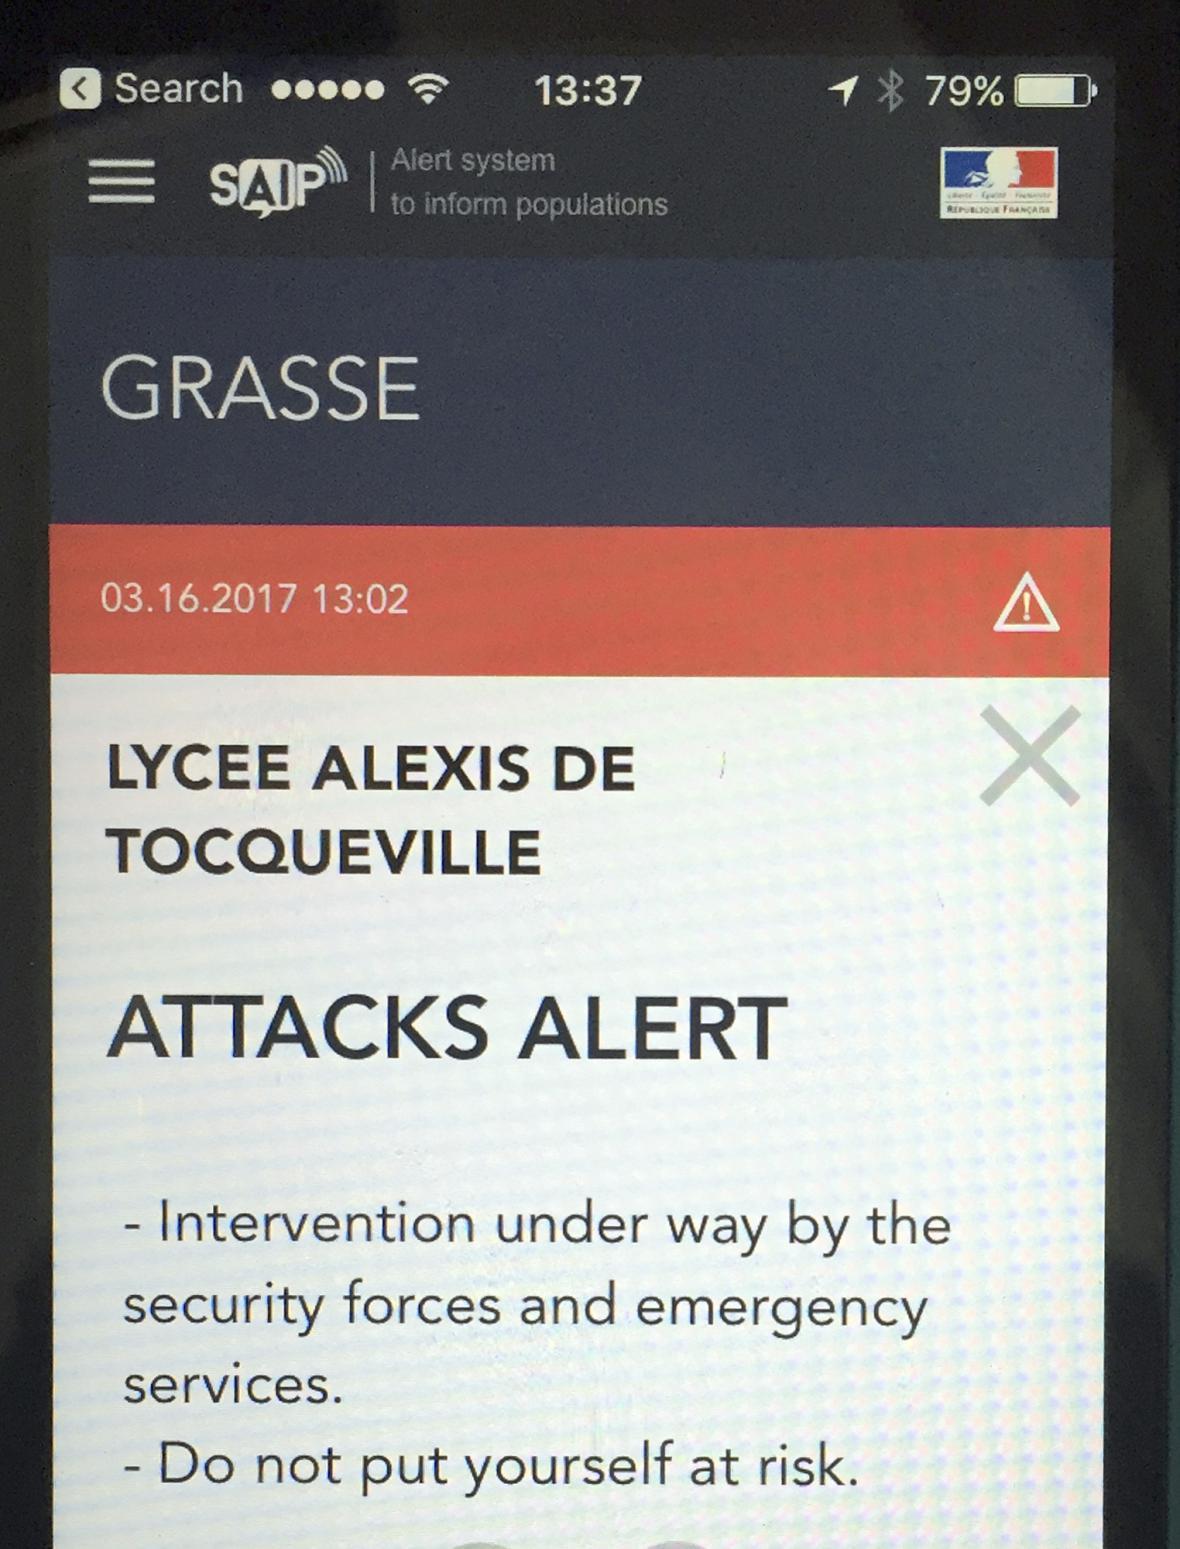 Francouzská policie vydala kvůli útoku v Grasse varování